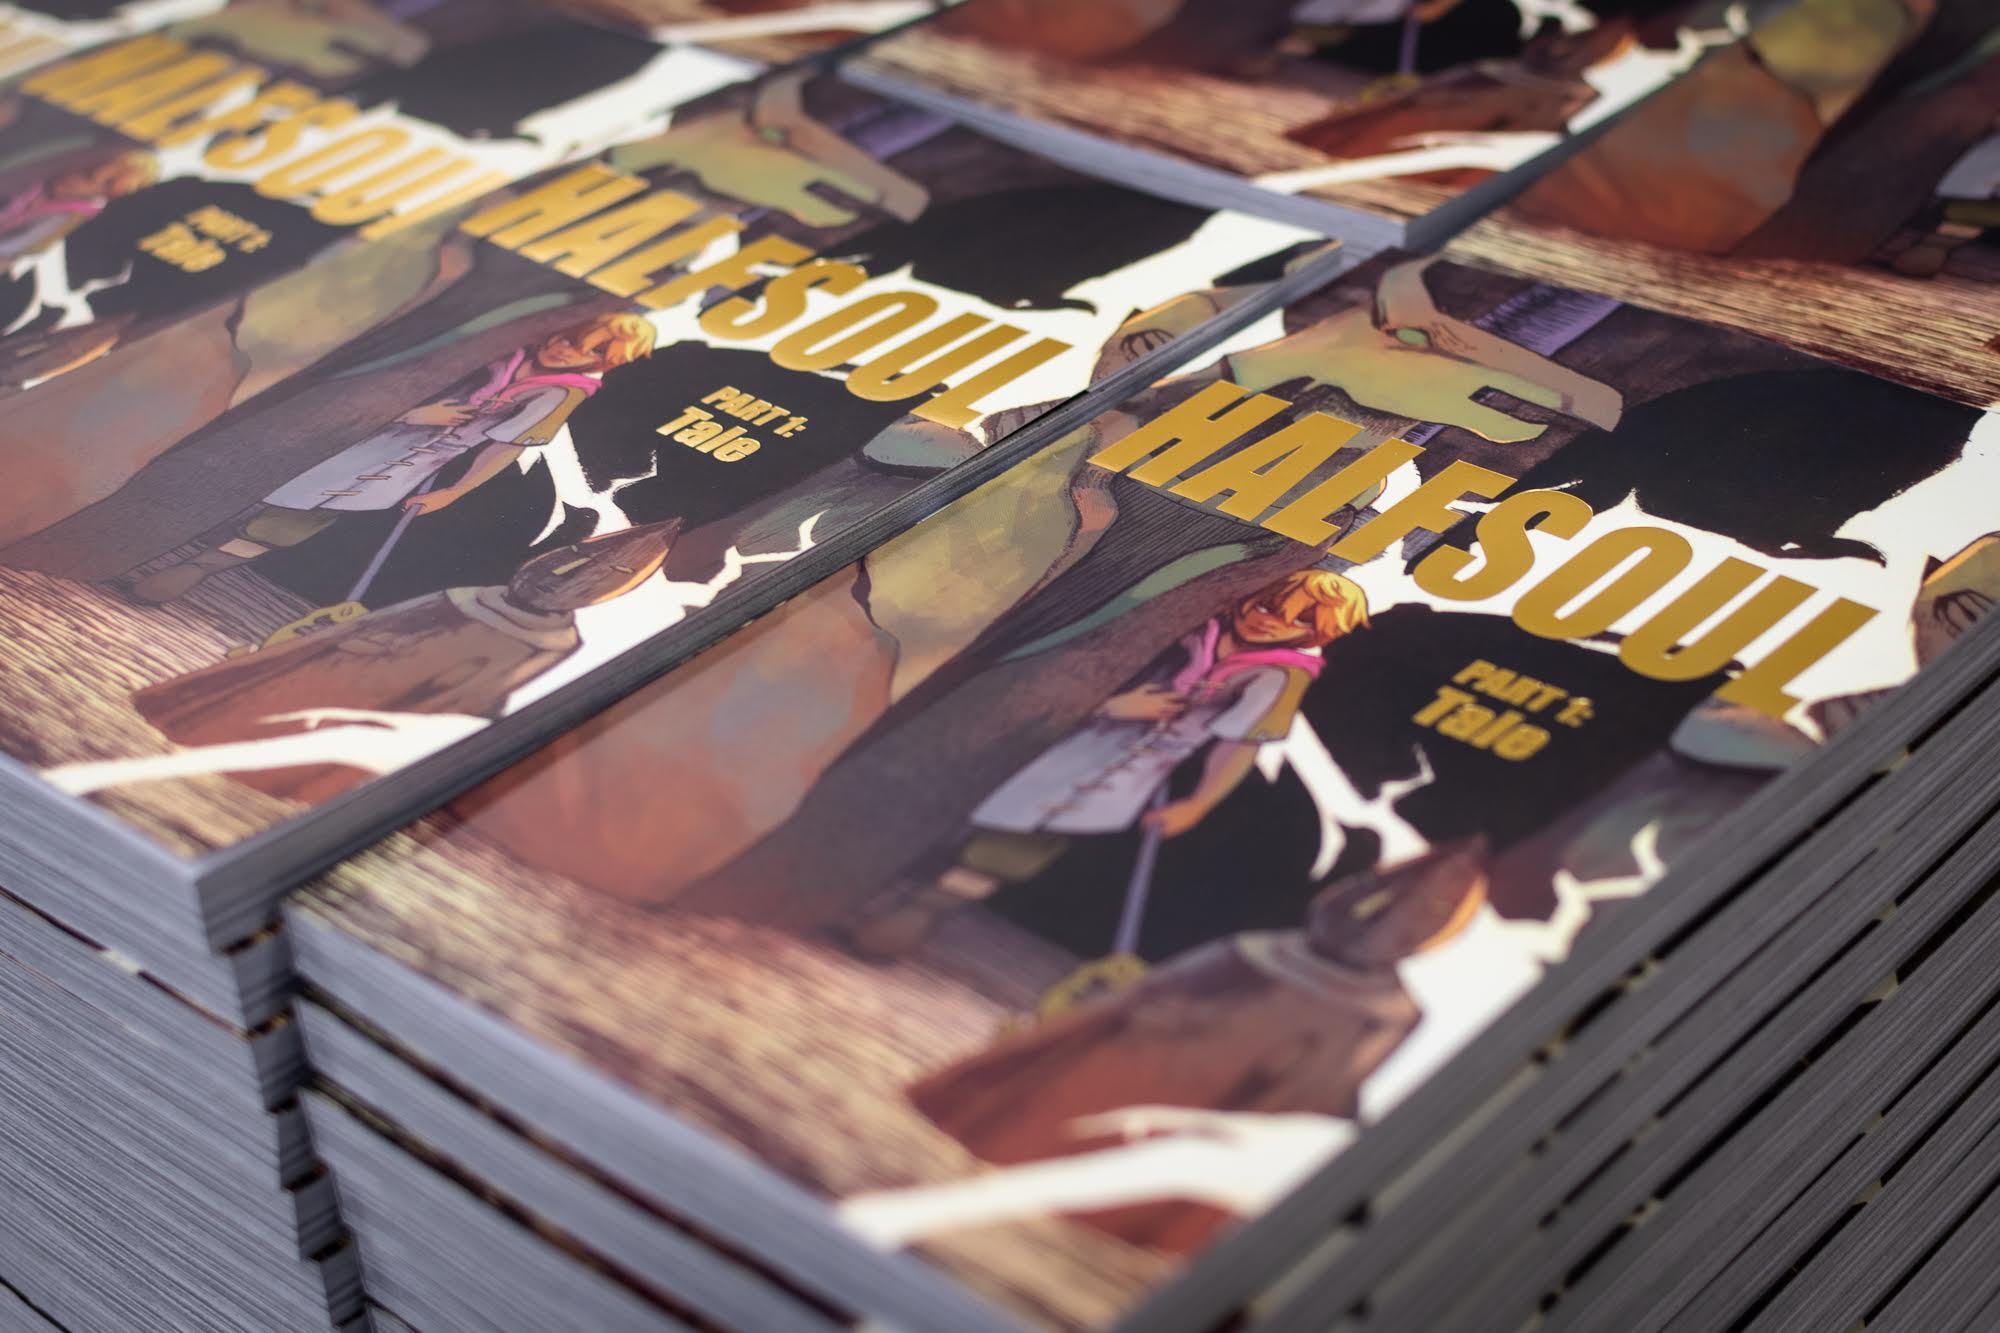 Photo couleur de plusieurs piles du roman graphique Halfsoul.